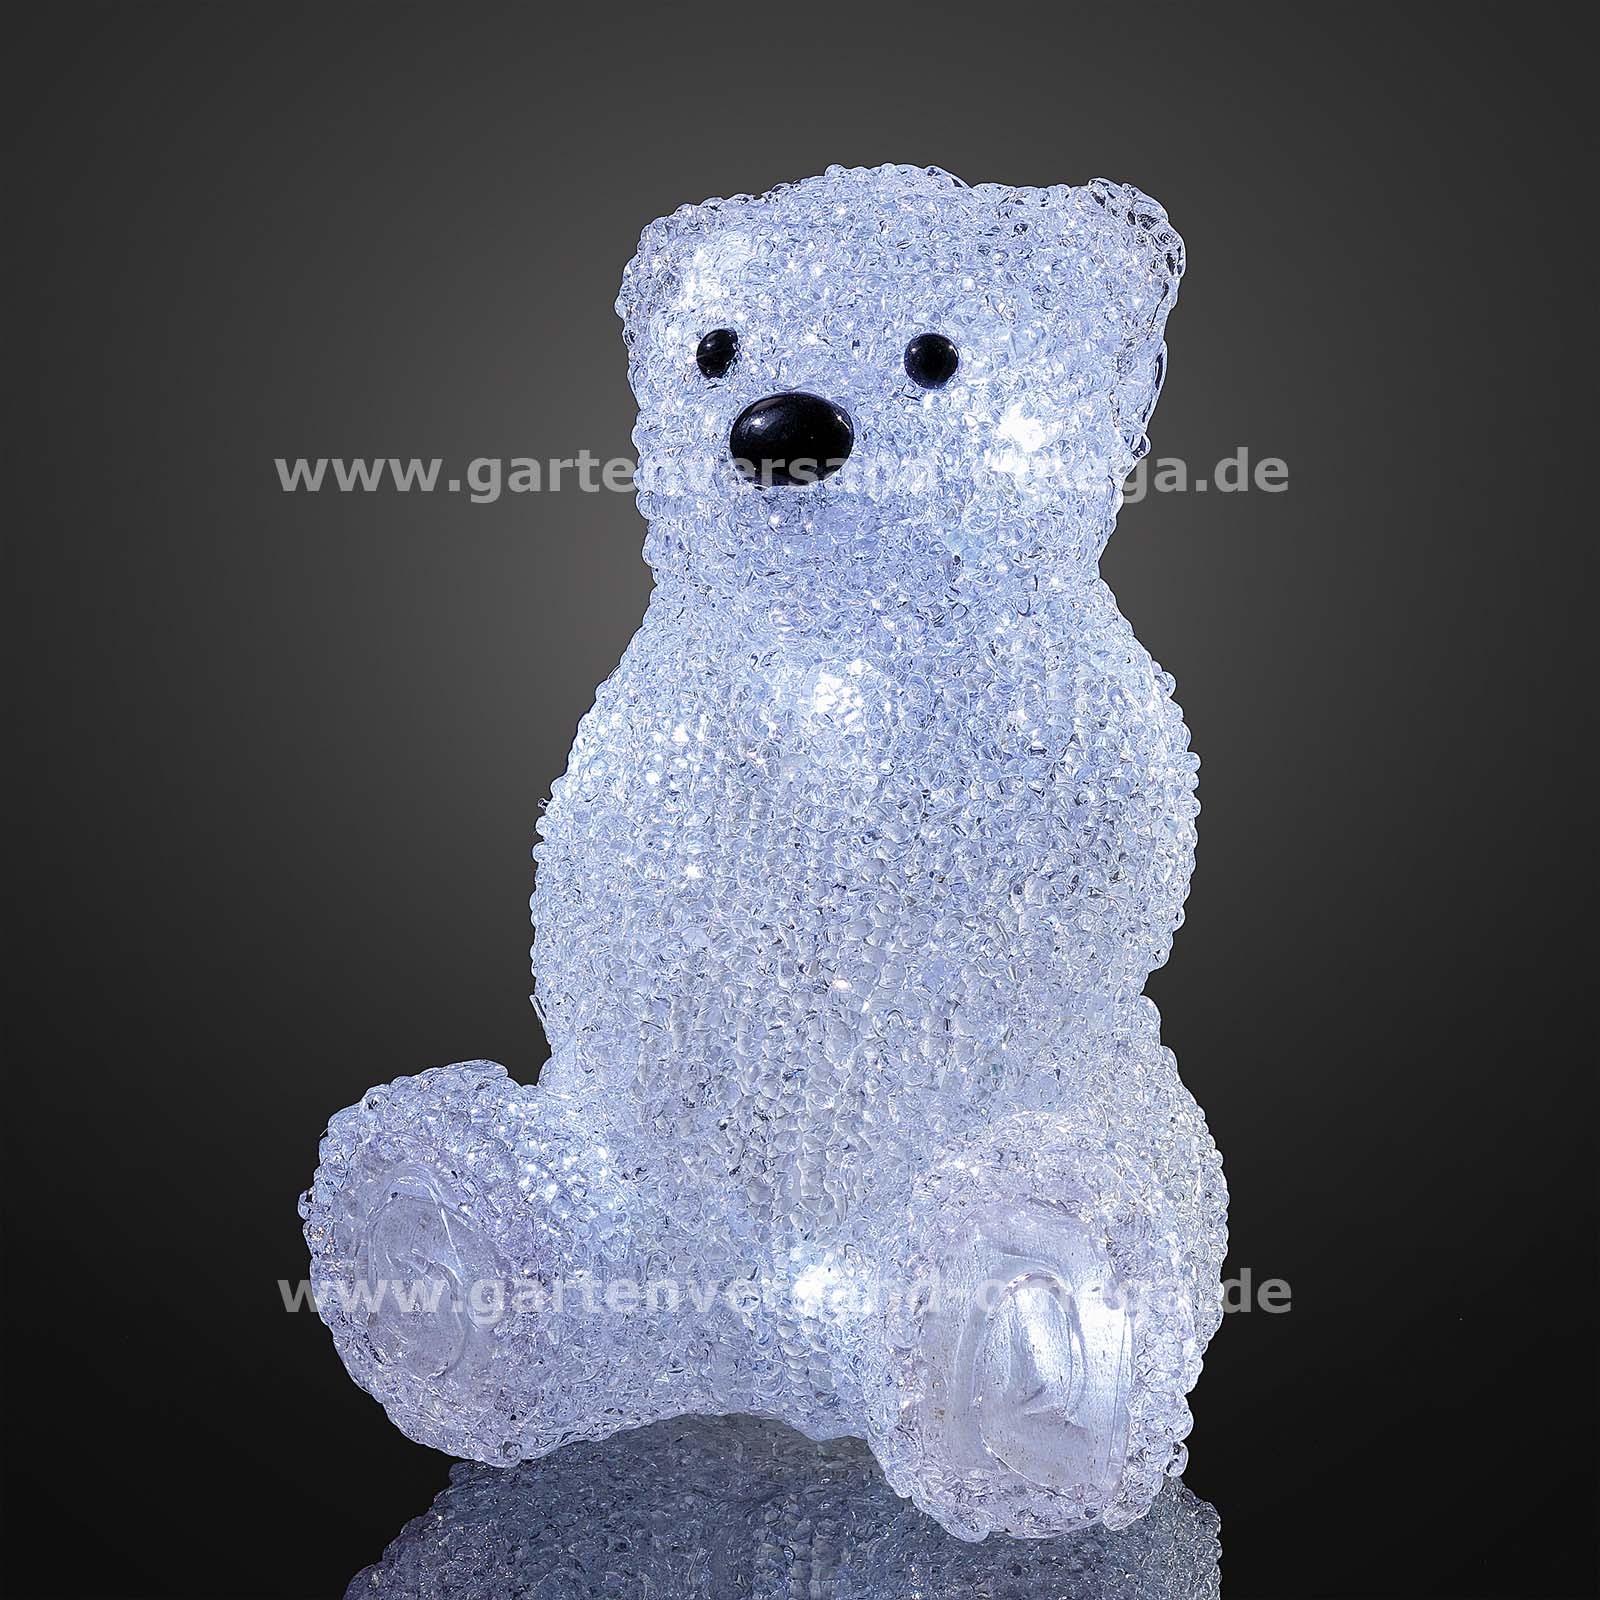 Led acryl eisb r sitzend tischdekoration schnurlose for Led weihnachtsbeleuchtung kabellos